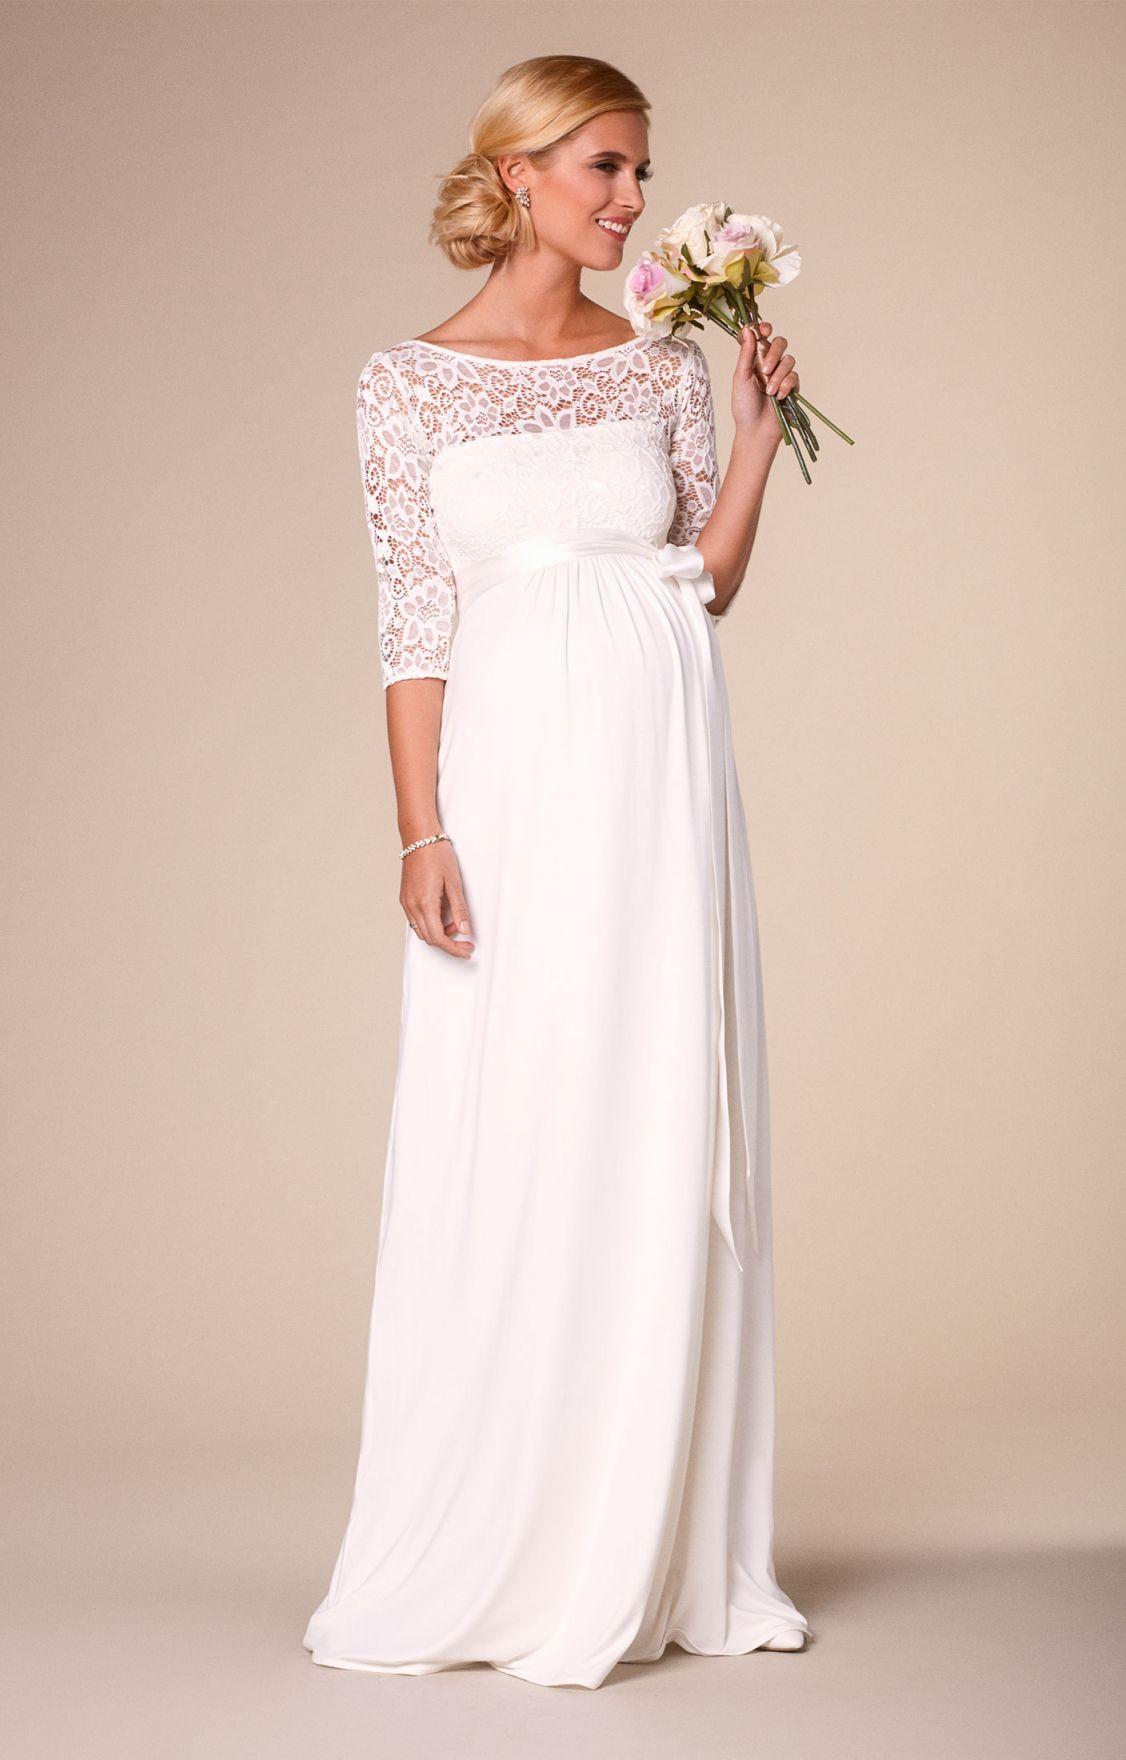 Short wedding dresses for older brides   Maternity Wedding Dress Shops  Informal Wedding Dresses for